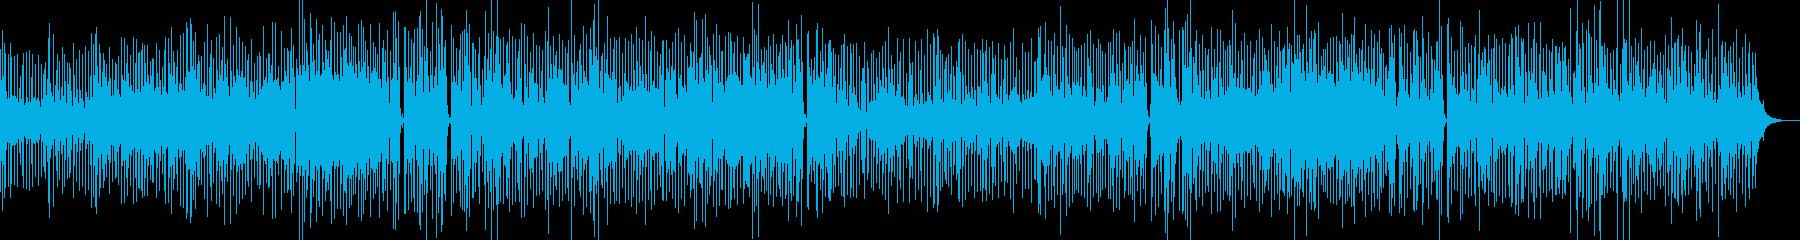 ゆったりとした空間のインストポップスの再生済みの波形